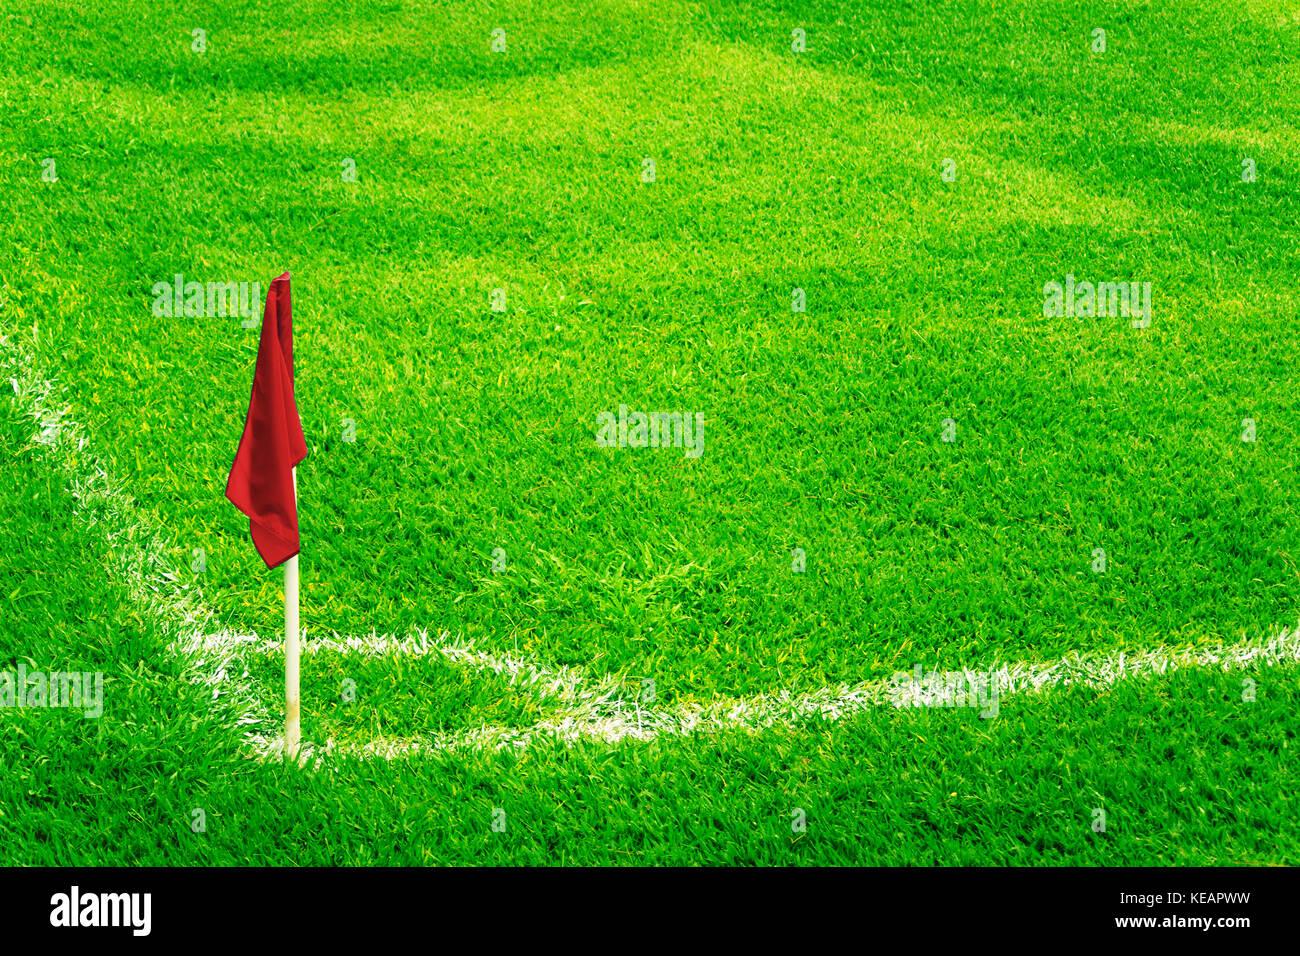 Rote Fahne Auf Einem Fussballfeld Mit Hellen Frischen Grunen